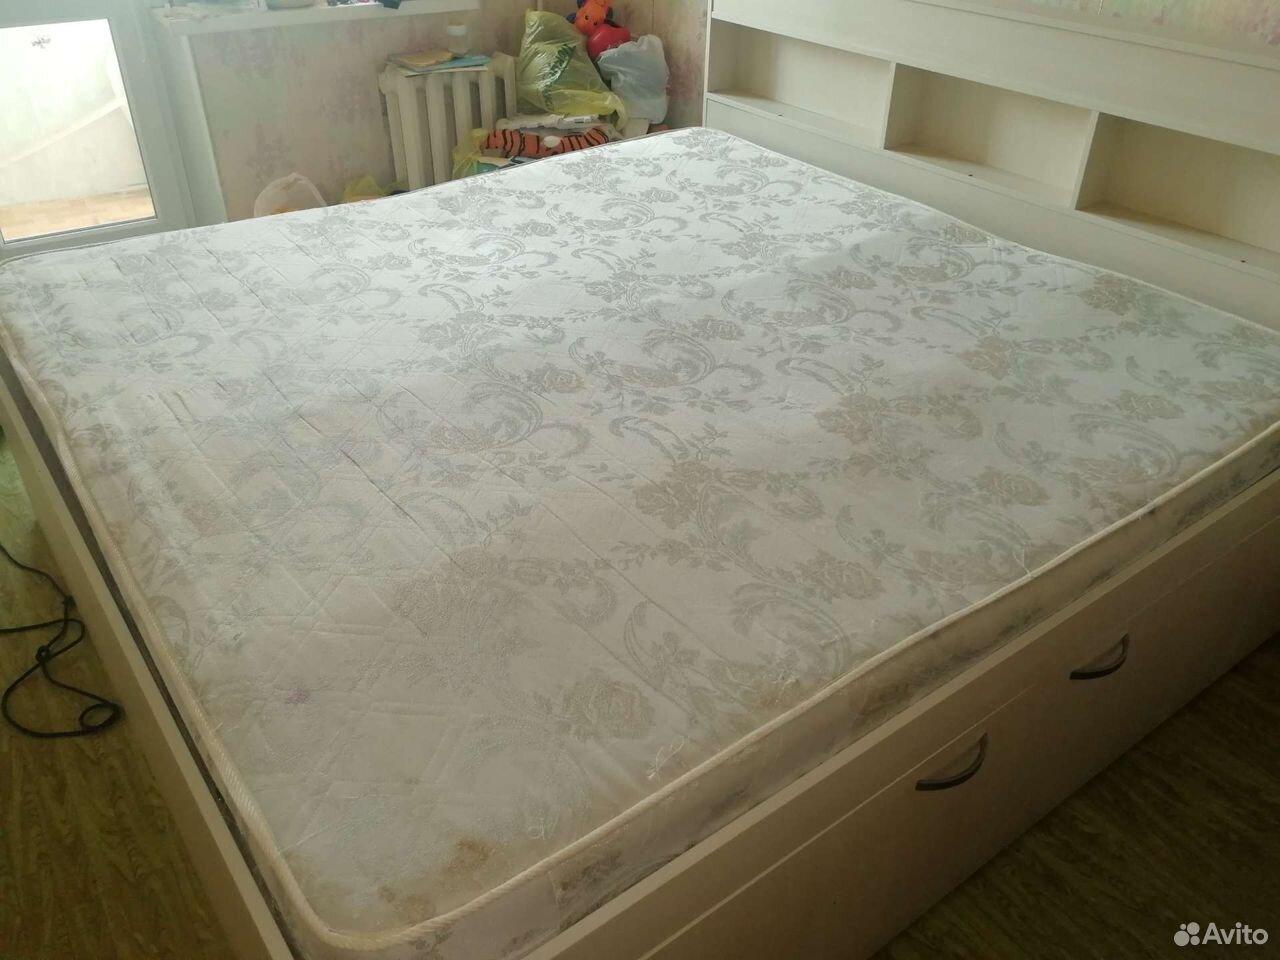 Кровать с матрасом 2,0 * 2,0 метра  89173310344 купить 6